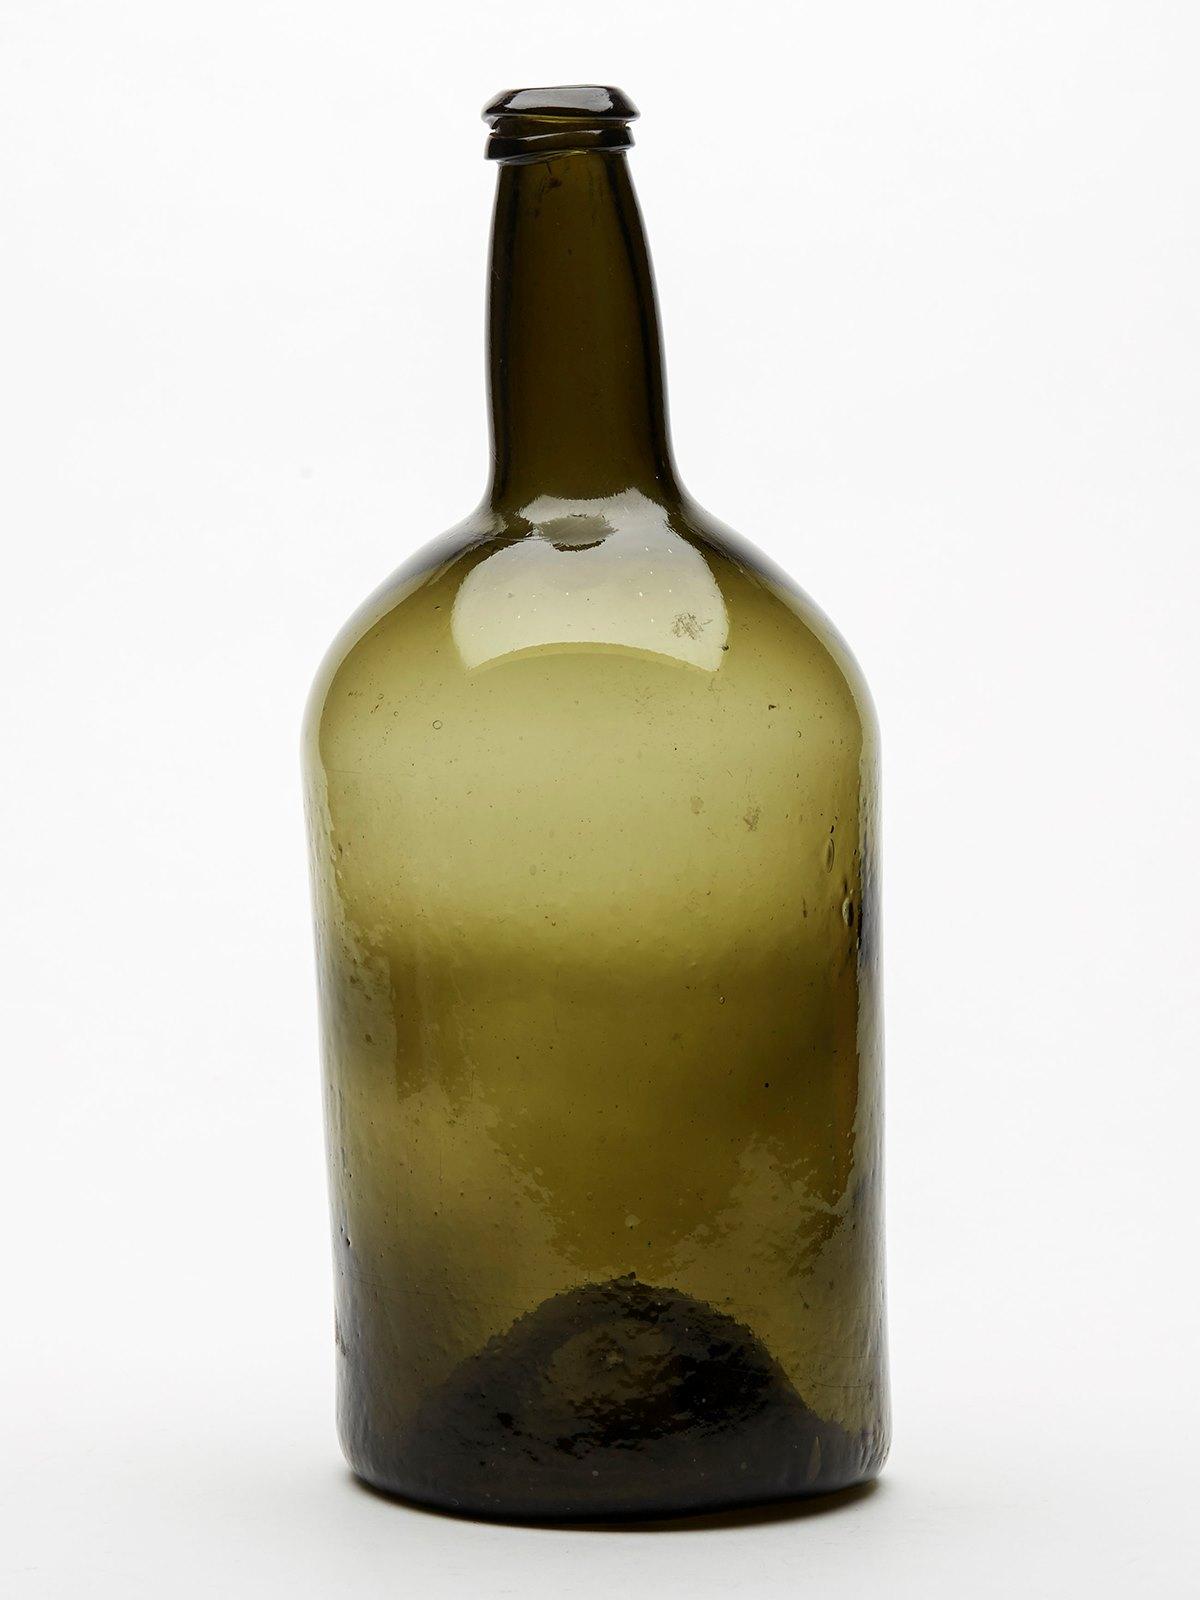 Oversized Wine Bottles For Sale Houzz